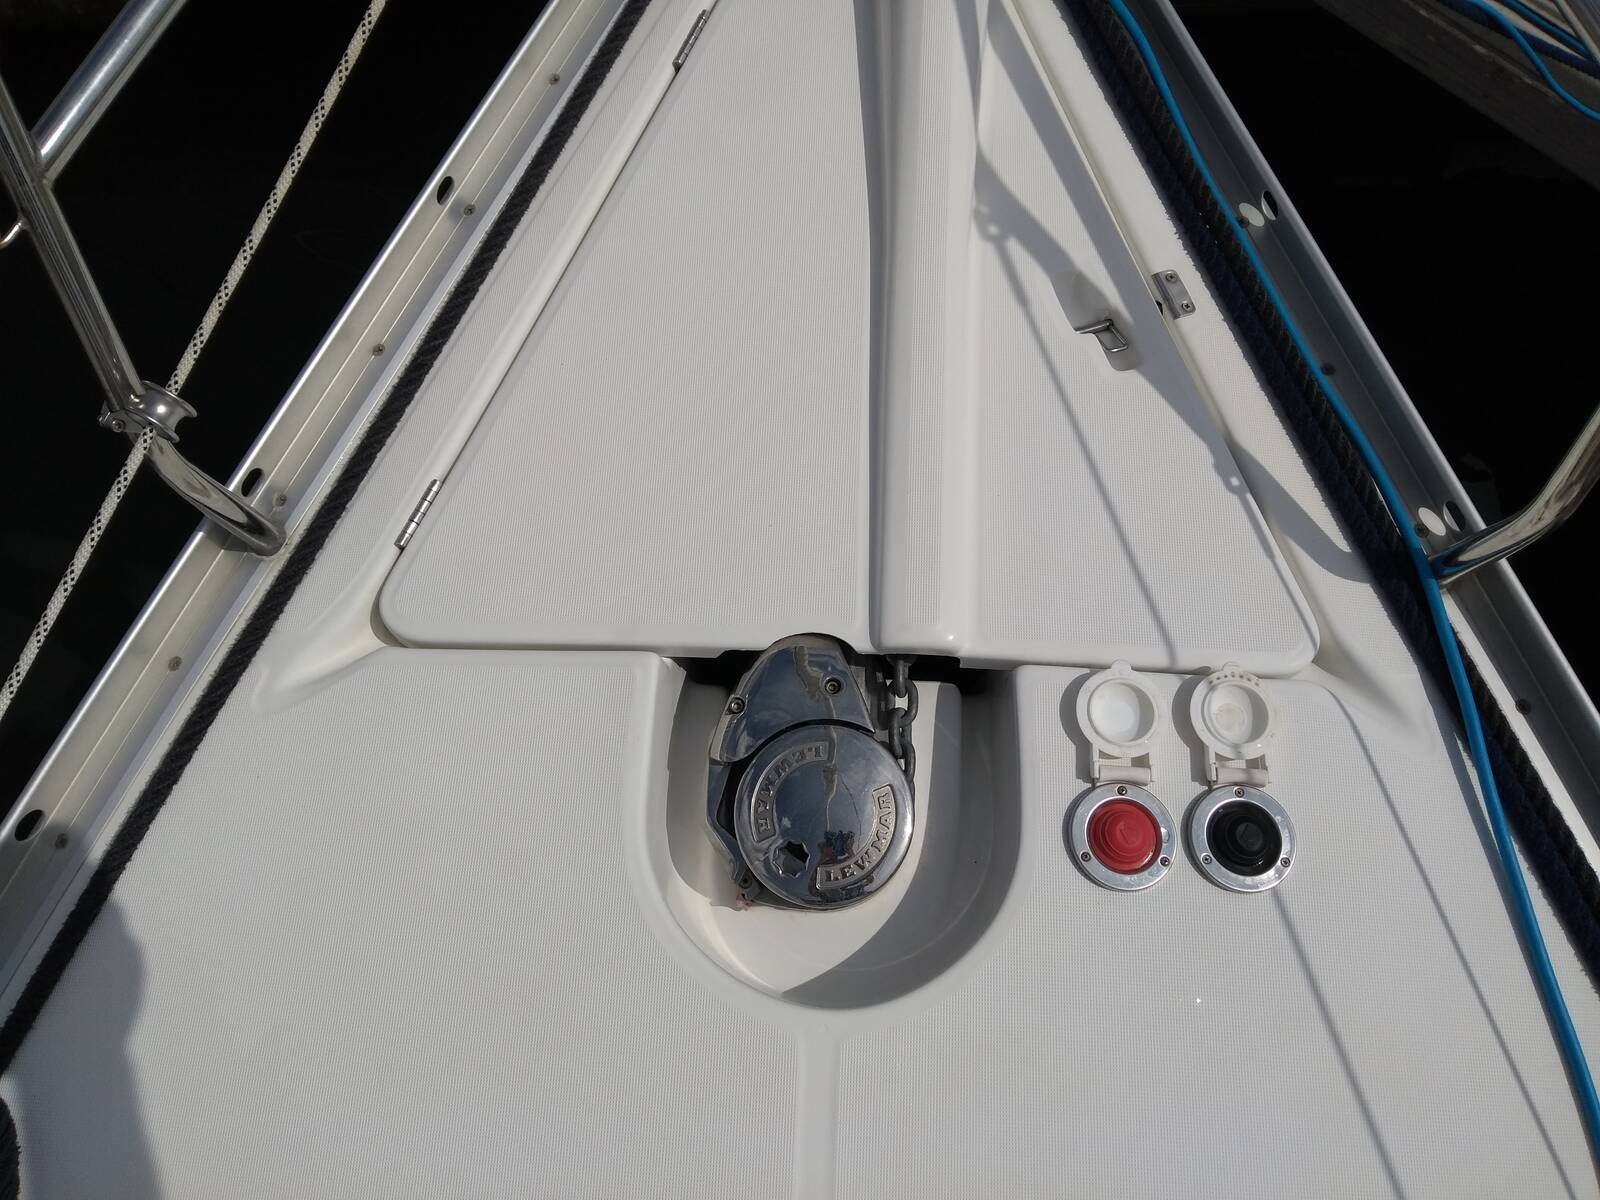 Beneteau Oceanis 343 windlass